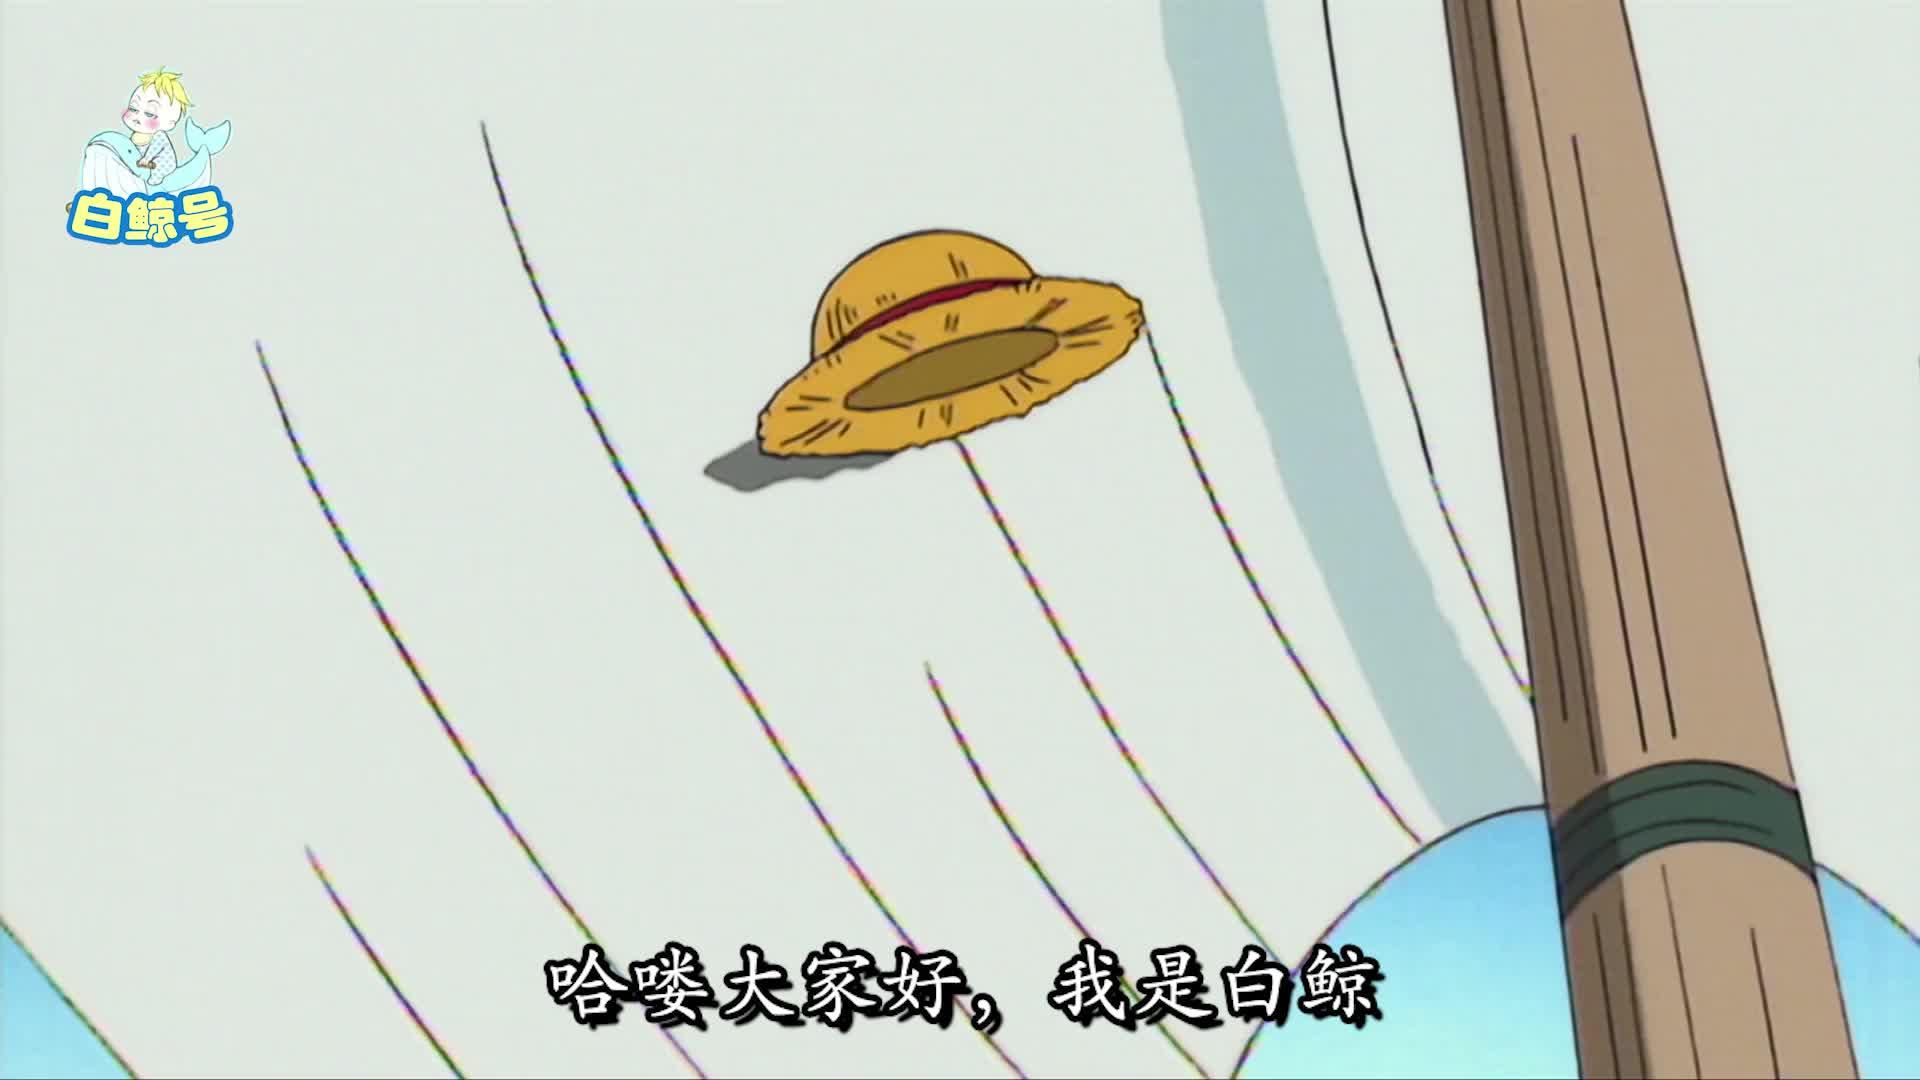 【海贼王基德传】要砍下四皇凯多的脑袋! 搞红发怼大妈的万磁王?